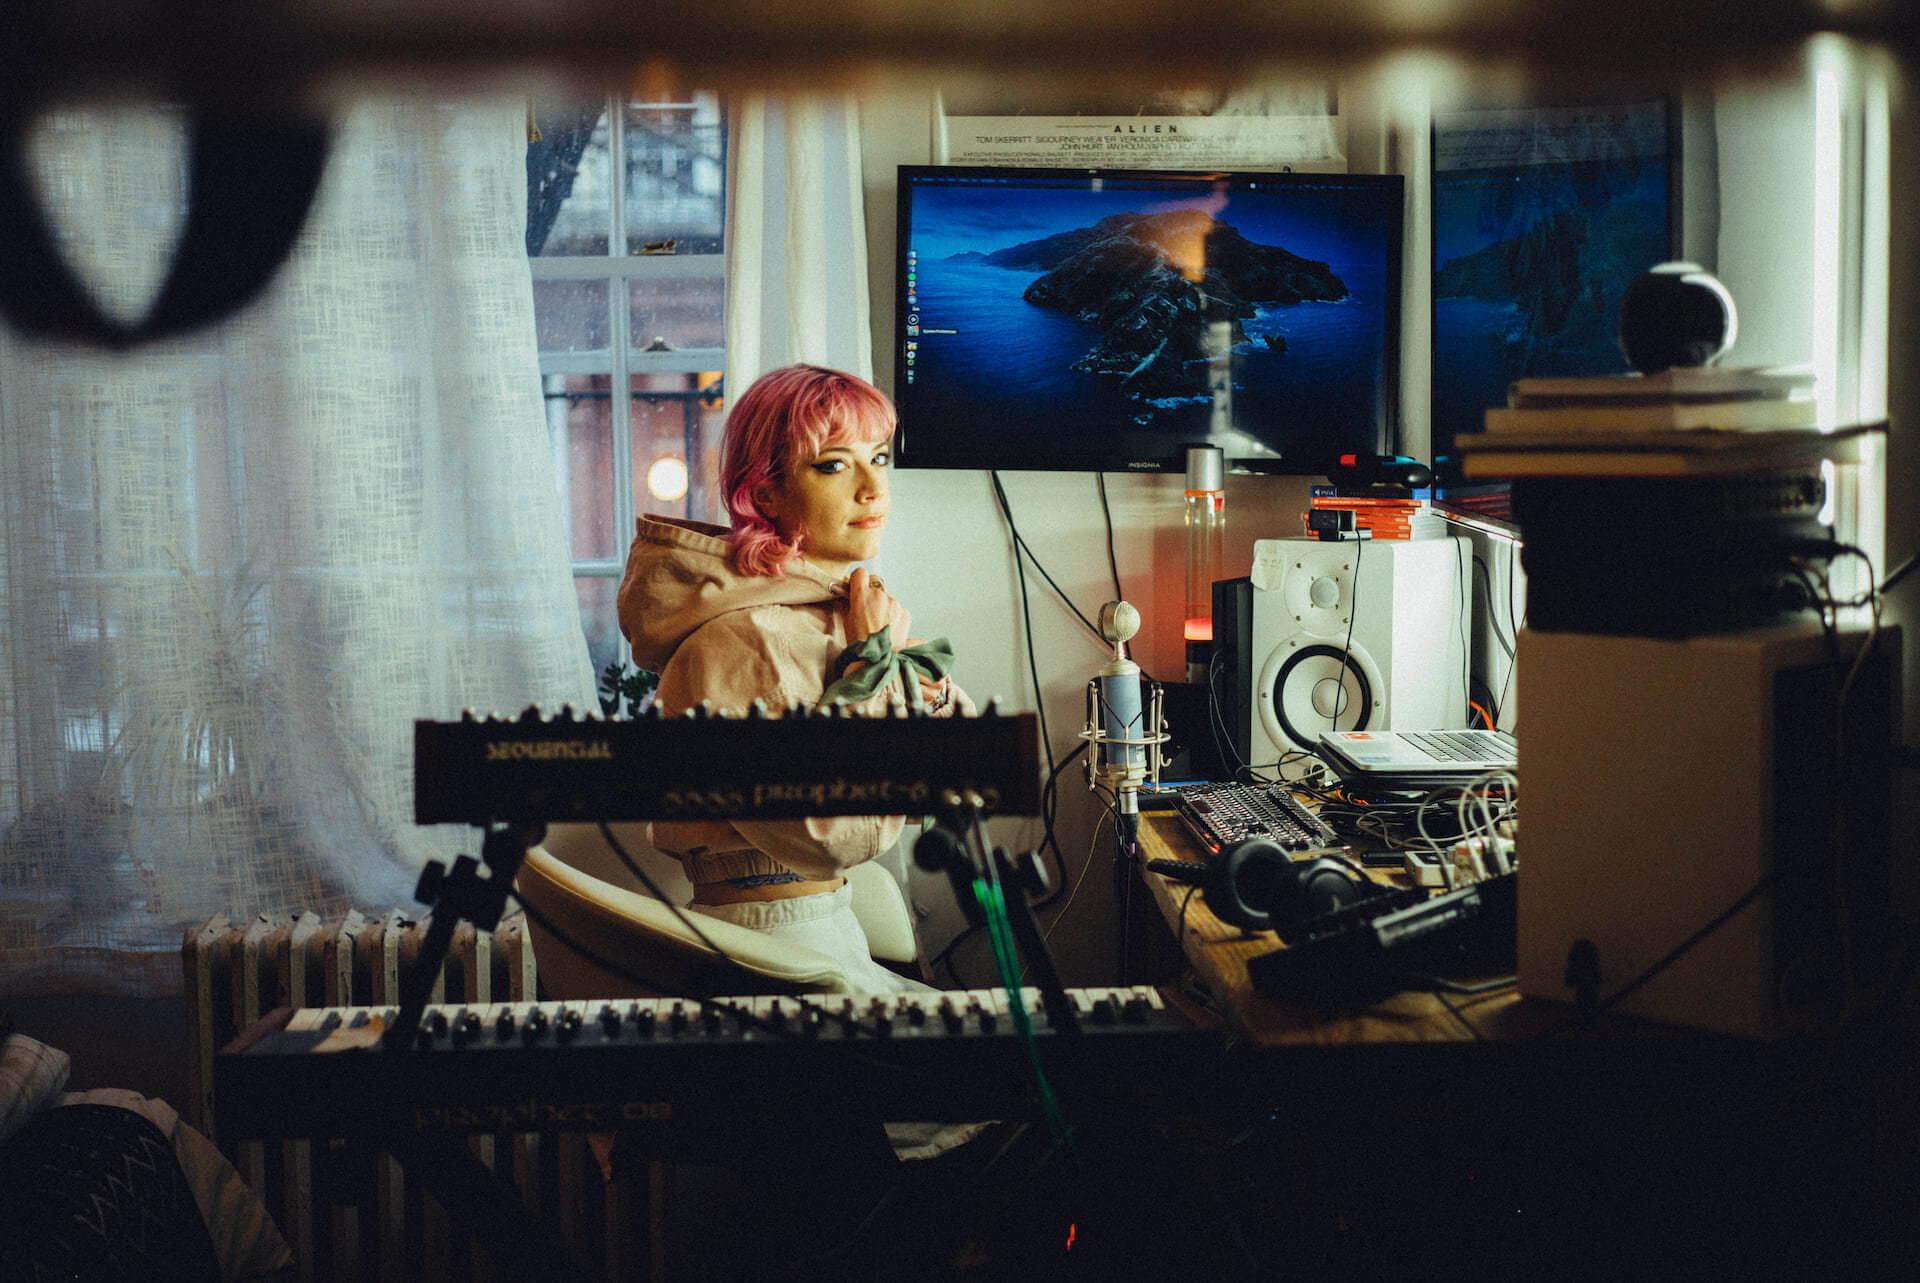 宅録アーティスト「Computer Magic」のベッドルームより。シティ散歩、チャイナタウンの遊び場、宇宙スポット